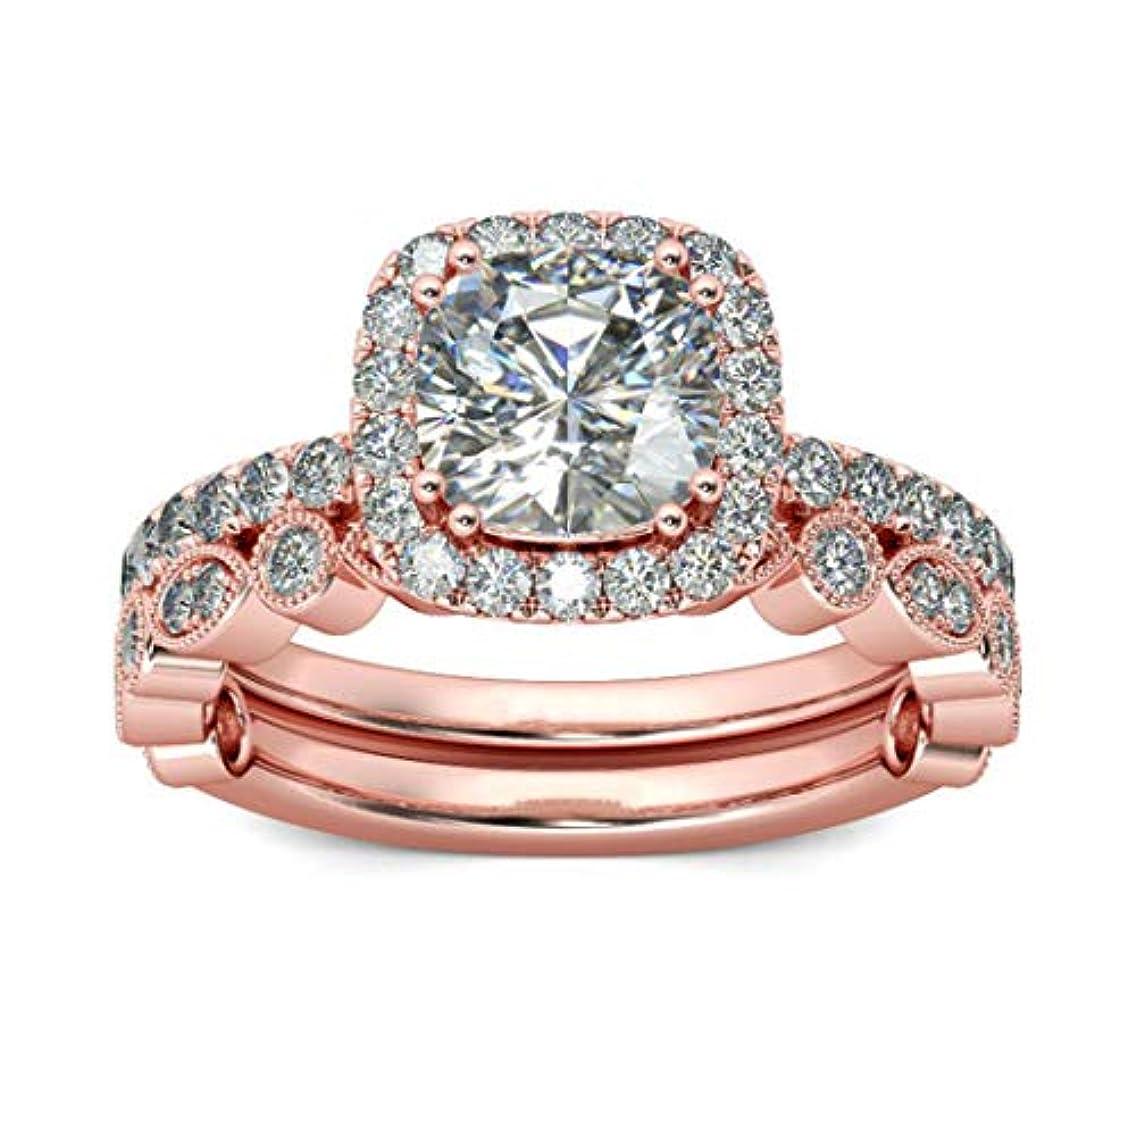 リベラル復活する報奨金Sperrinsペアリング 結婚指輪 婚約指輪 銀メッキ指輪 カップル リング レディースリング メンズリング(8)